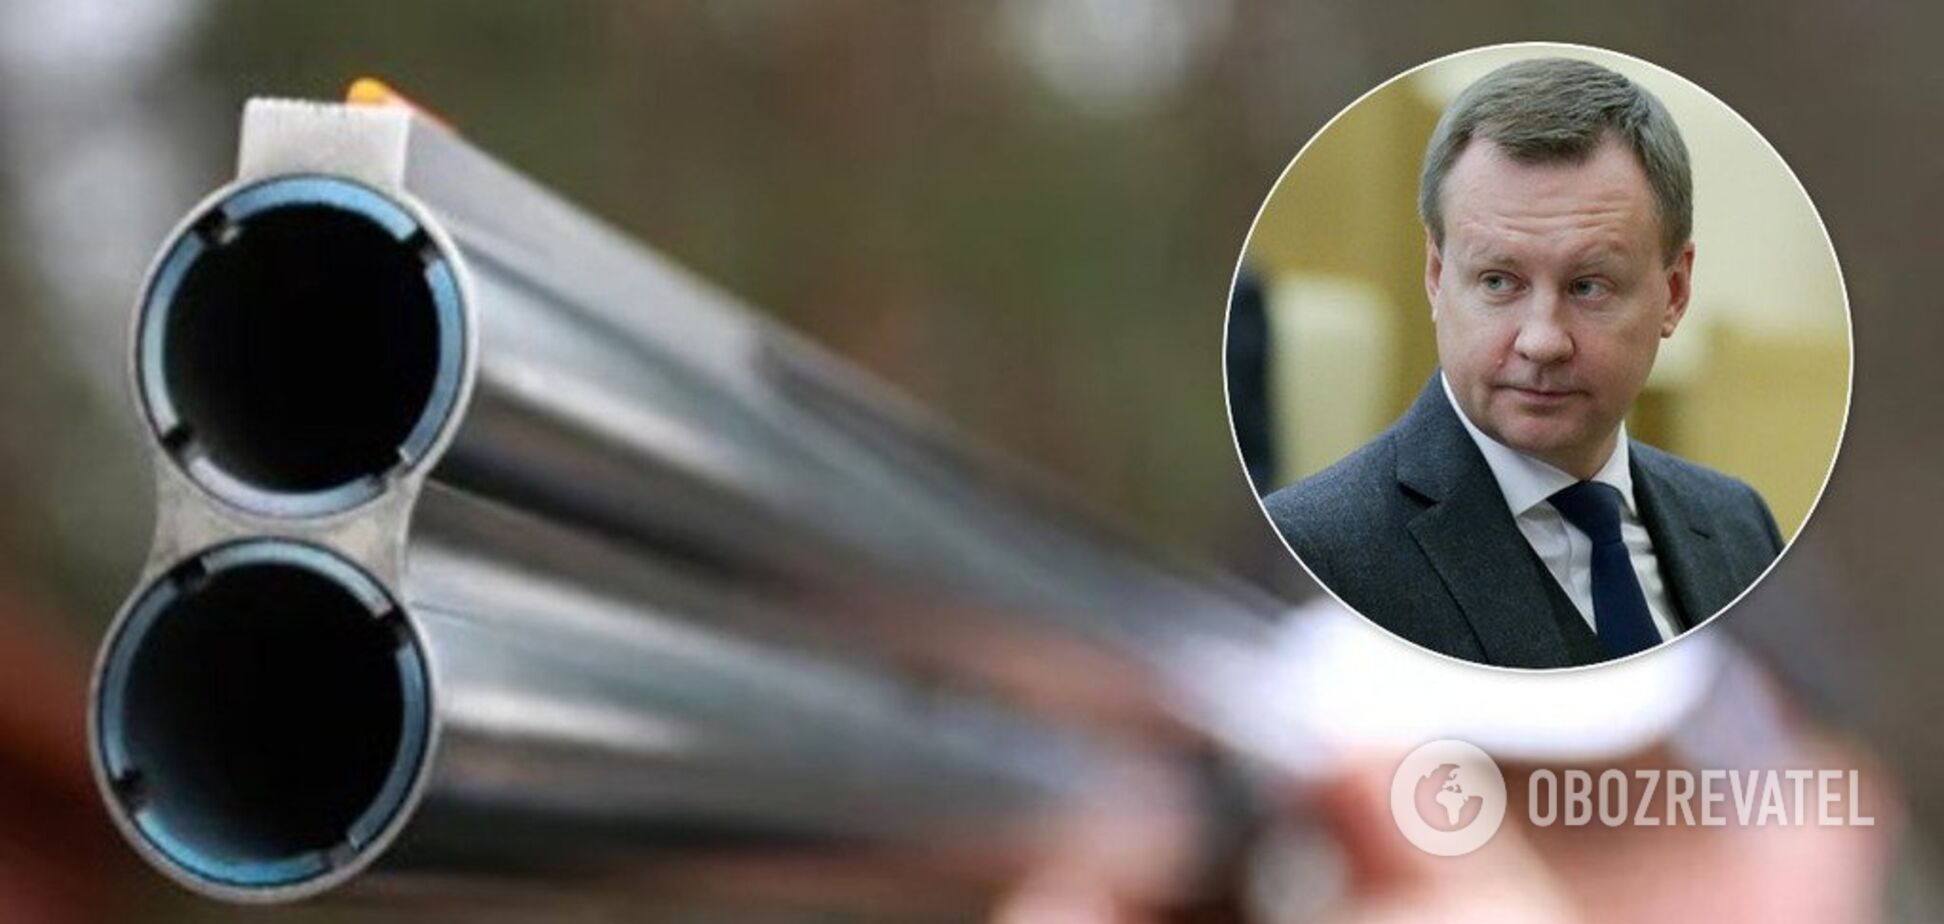 Стріляв першим: у вбивстві адвоката зі справи Вороненкова з'явилися нові подробиці